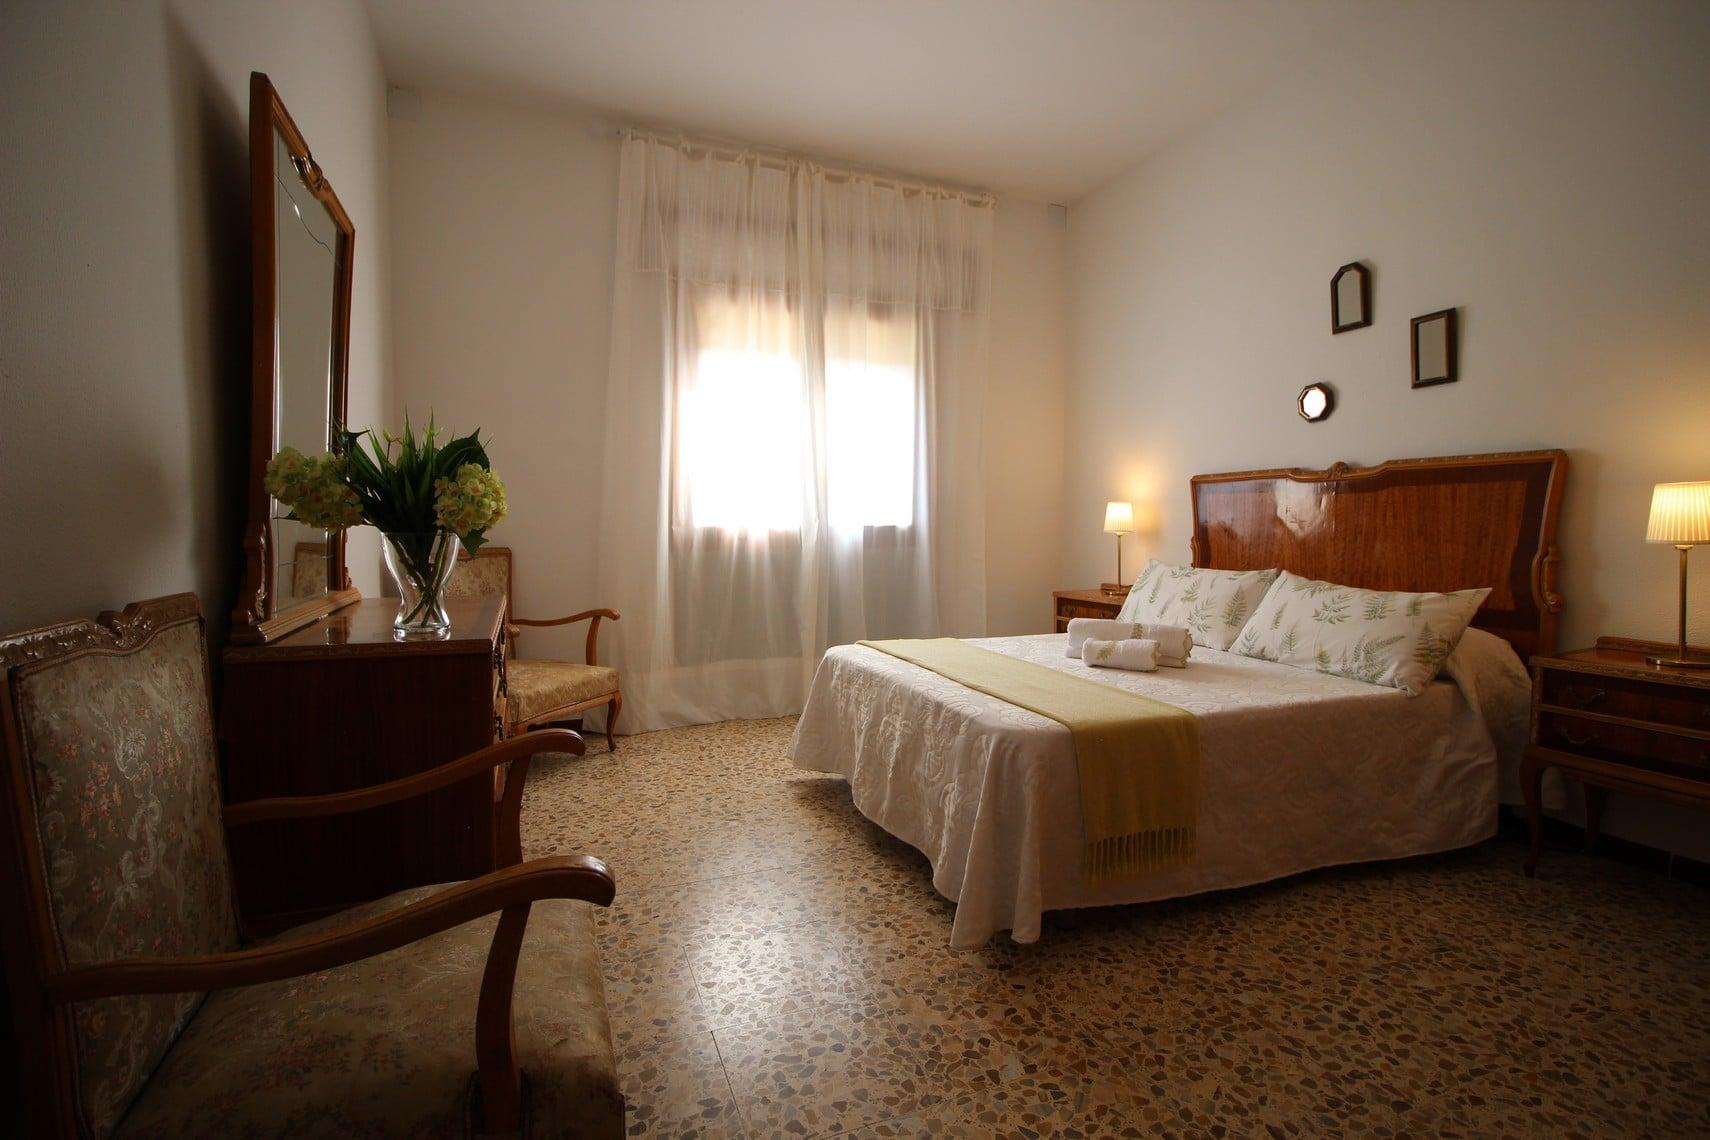 habitación2_las_hazas jarandilla003